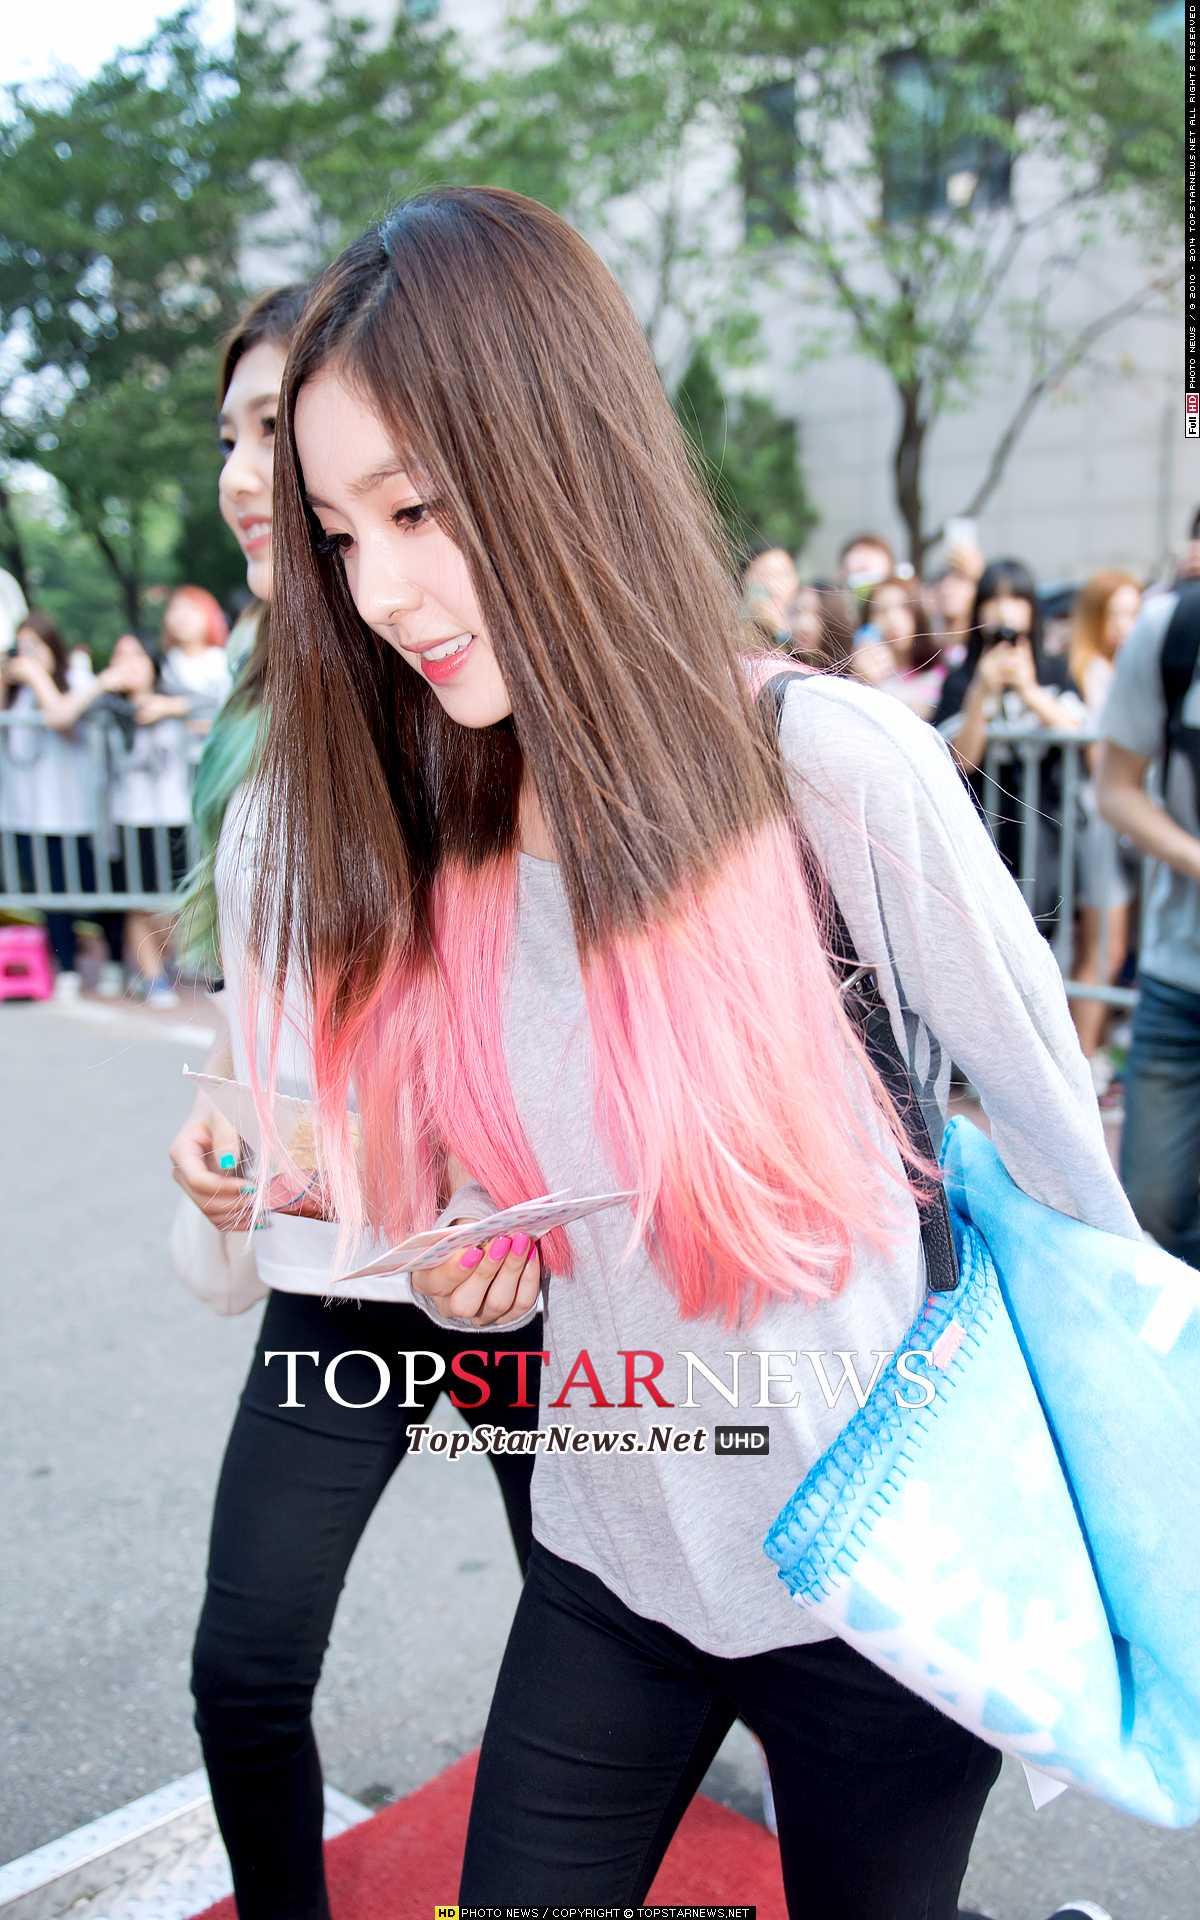 Red Velvet 的隊長 Irene 有個小習慣,粉絲們有沒有發現啊~